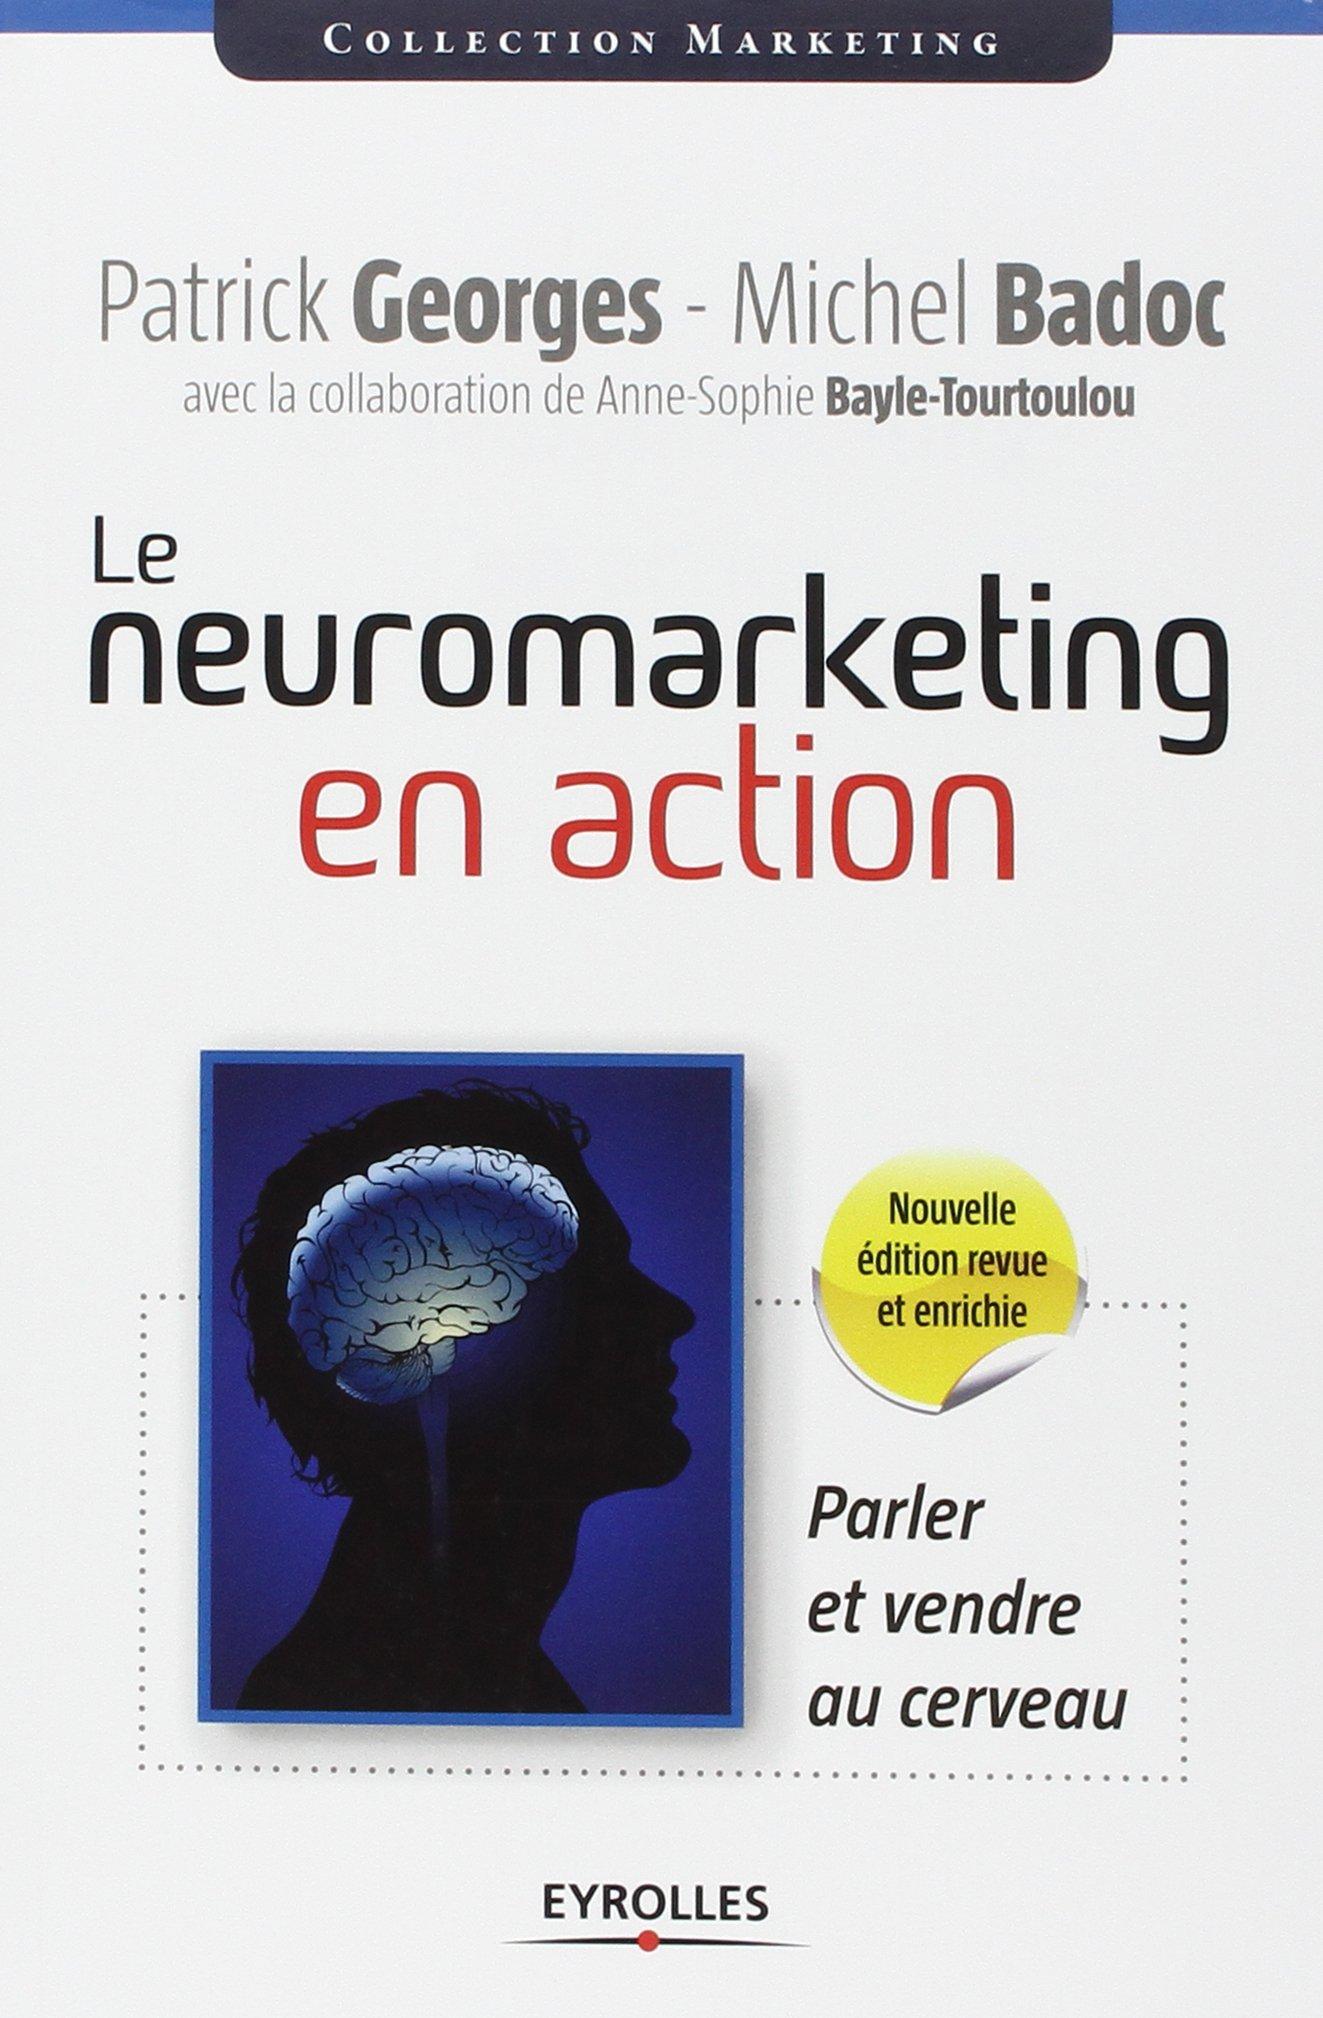 Le neuromarketing en action parler et vendre au cerveau - parler et vendre au cerveau.: Amazon.es: Michel Badoc, Patrick Georges, Anne-Sophie ...